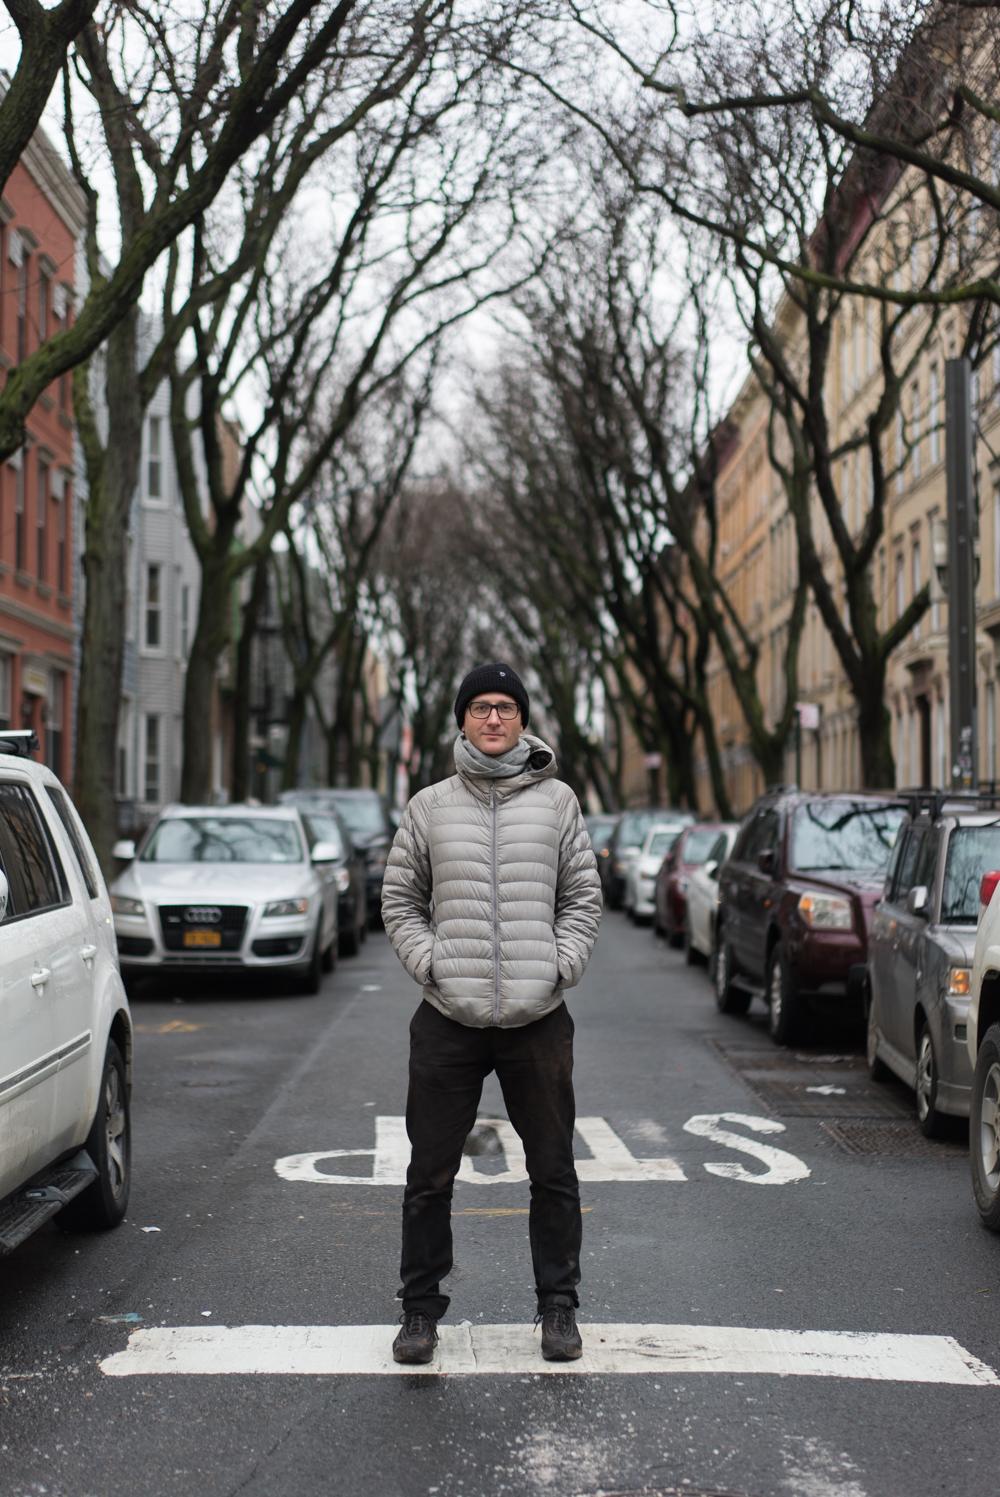 Johannes Auvinen in Greenpoint, Brooklyn.